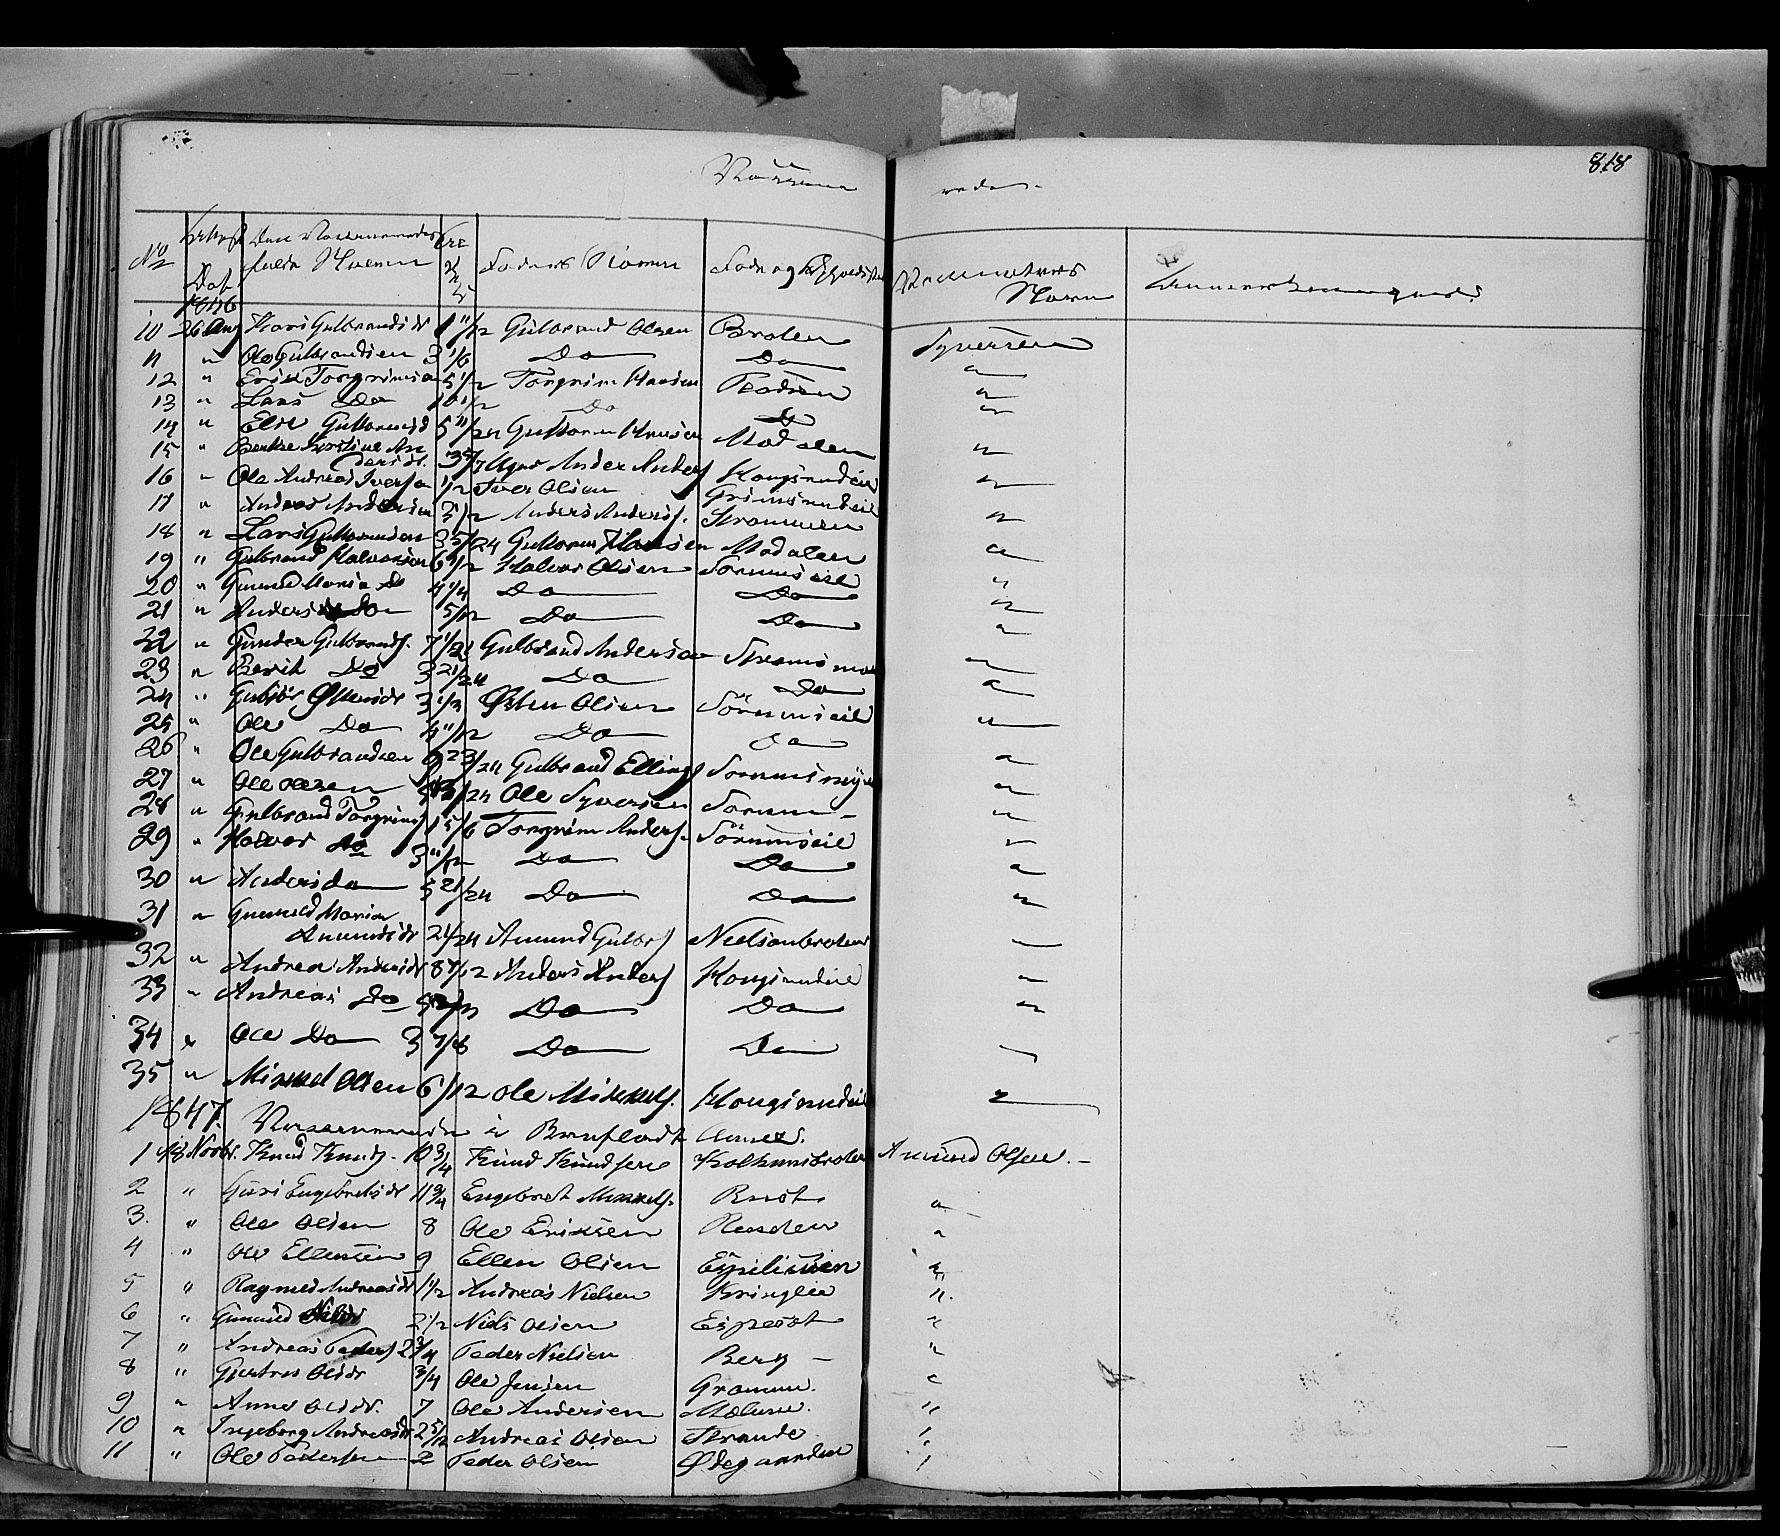 SAH, Sør-Aurdal prestekontor, Ministerialbok nr. 4, 1841-1849, s. 817-818